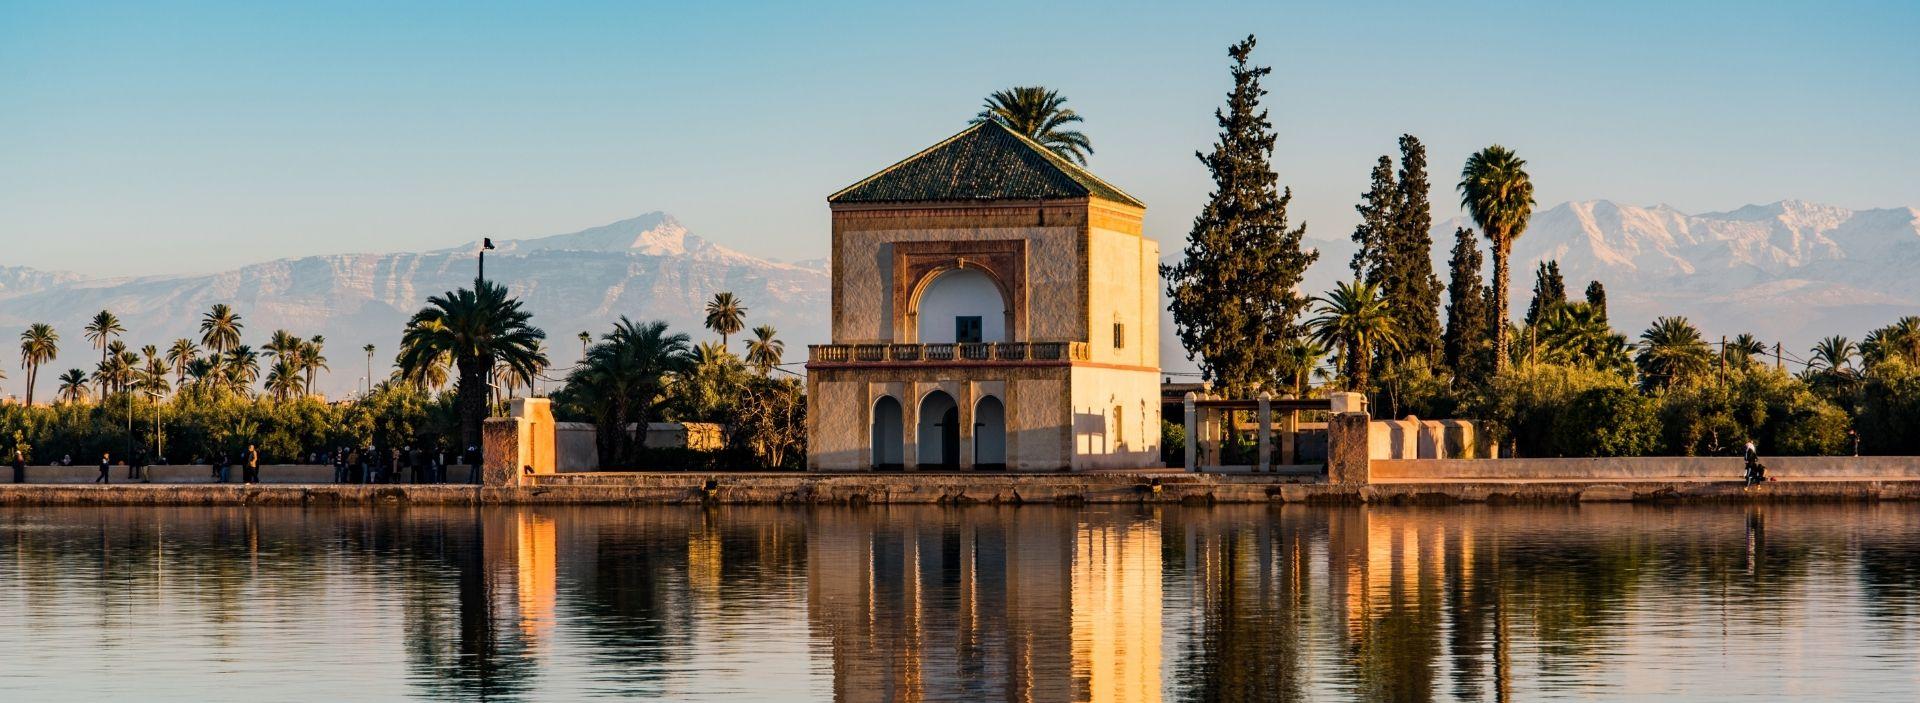 Marrakesch Menara Gardens und Atlasgebirge